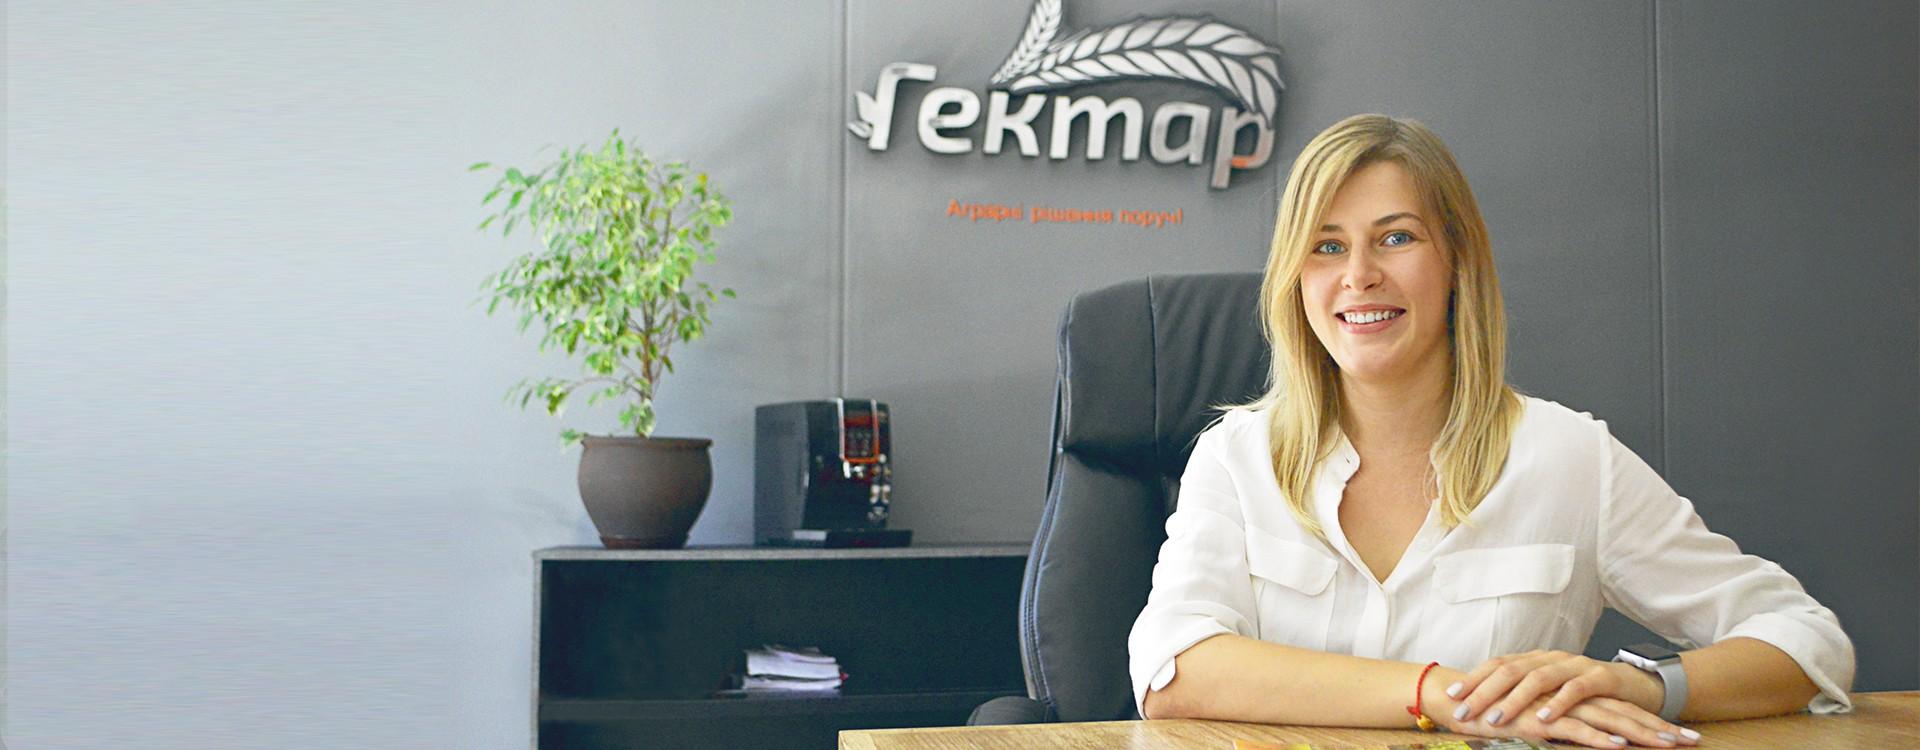 Ірина Савчук | «Не бійтеся мріяти, пробувати щось нове. Якщо чогось дуже хочеться, запасіться сміливістю, і почніть діяти!»